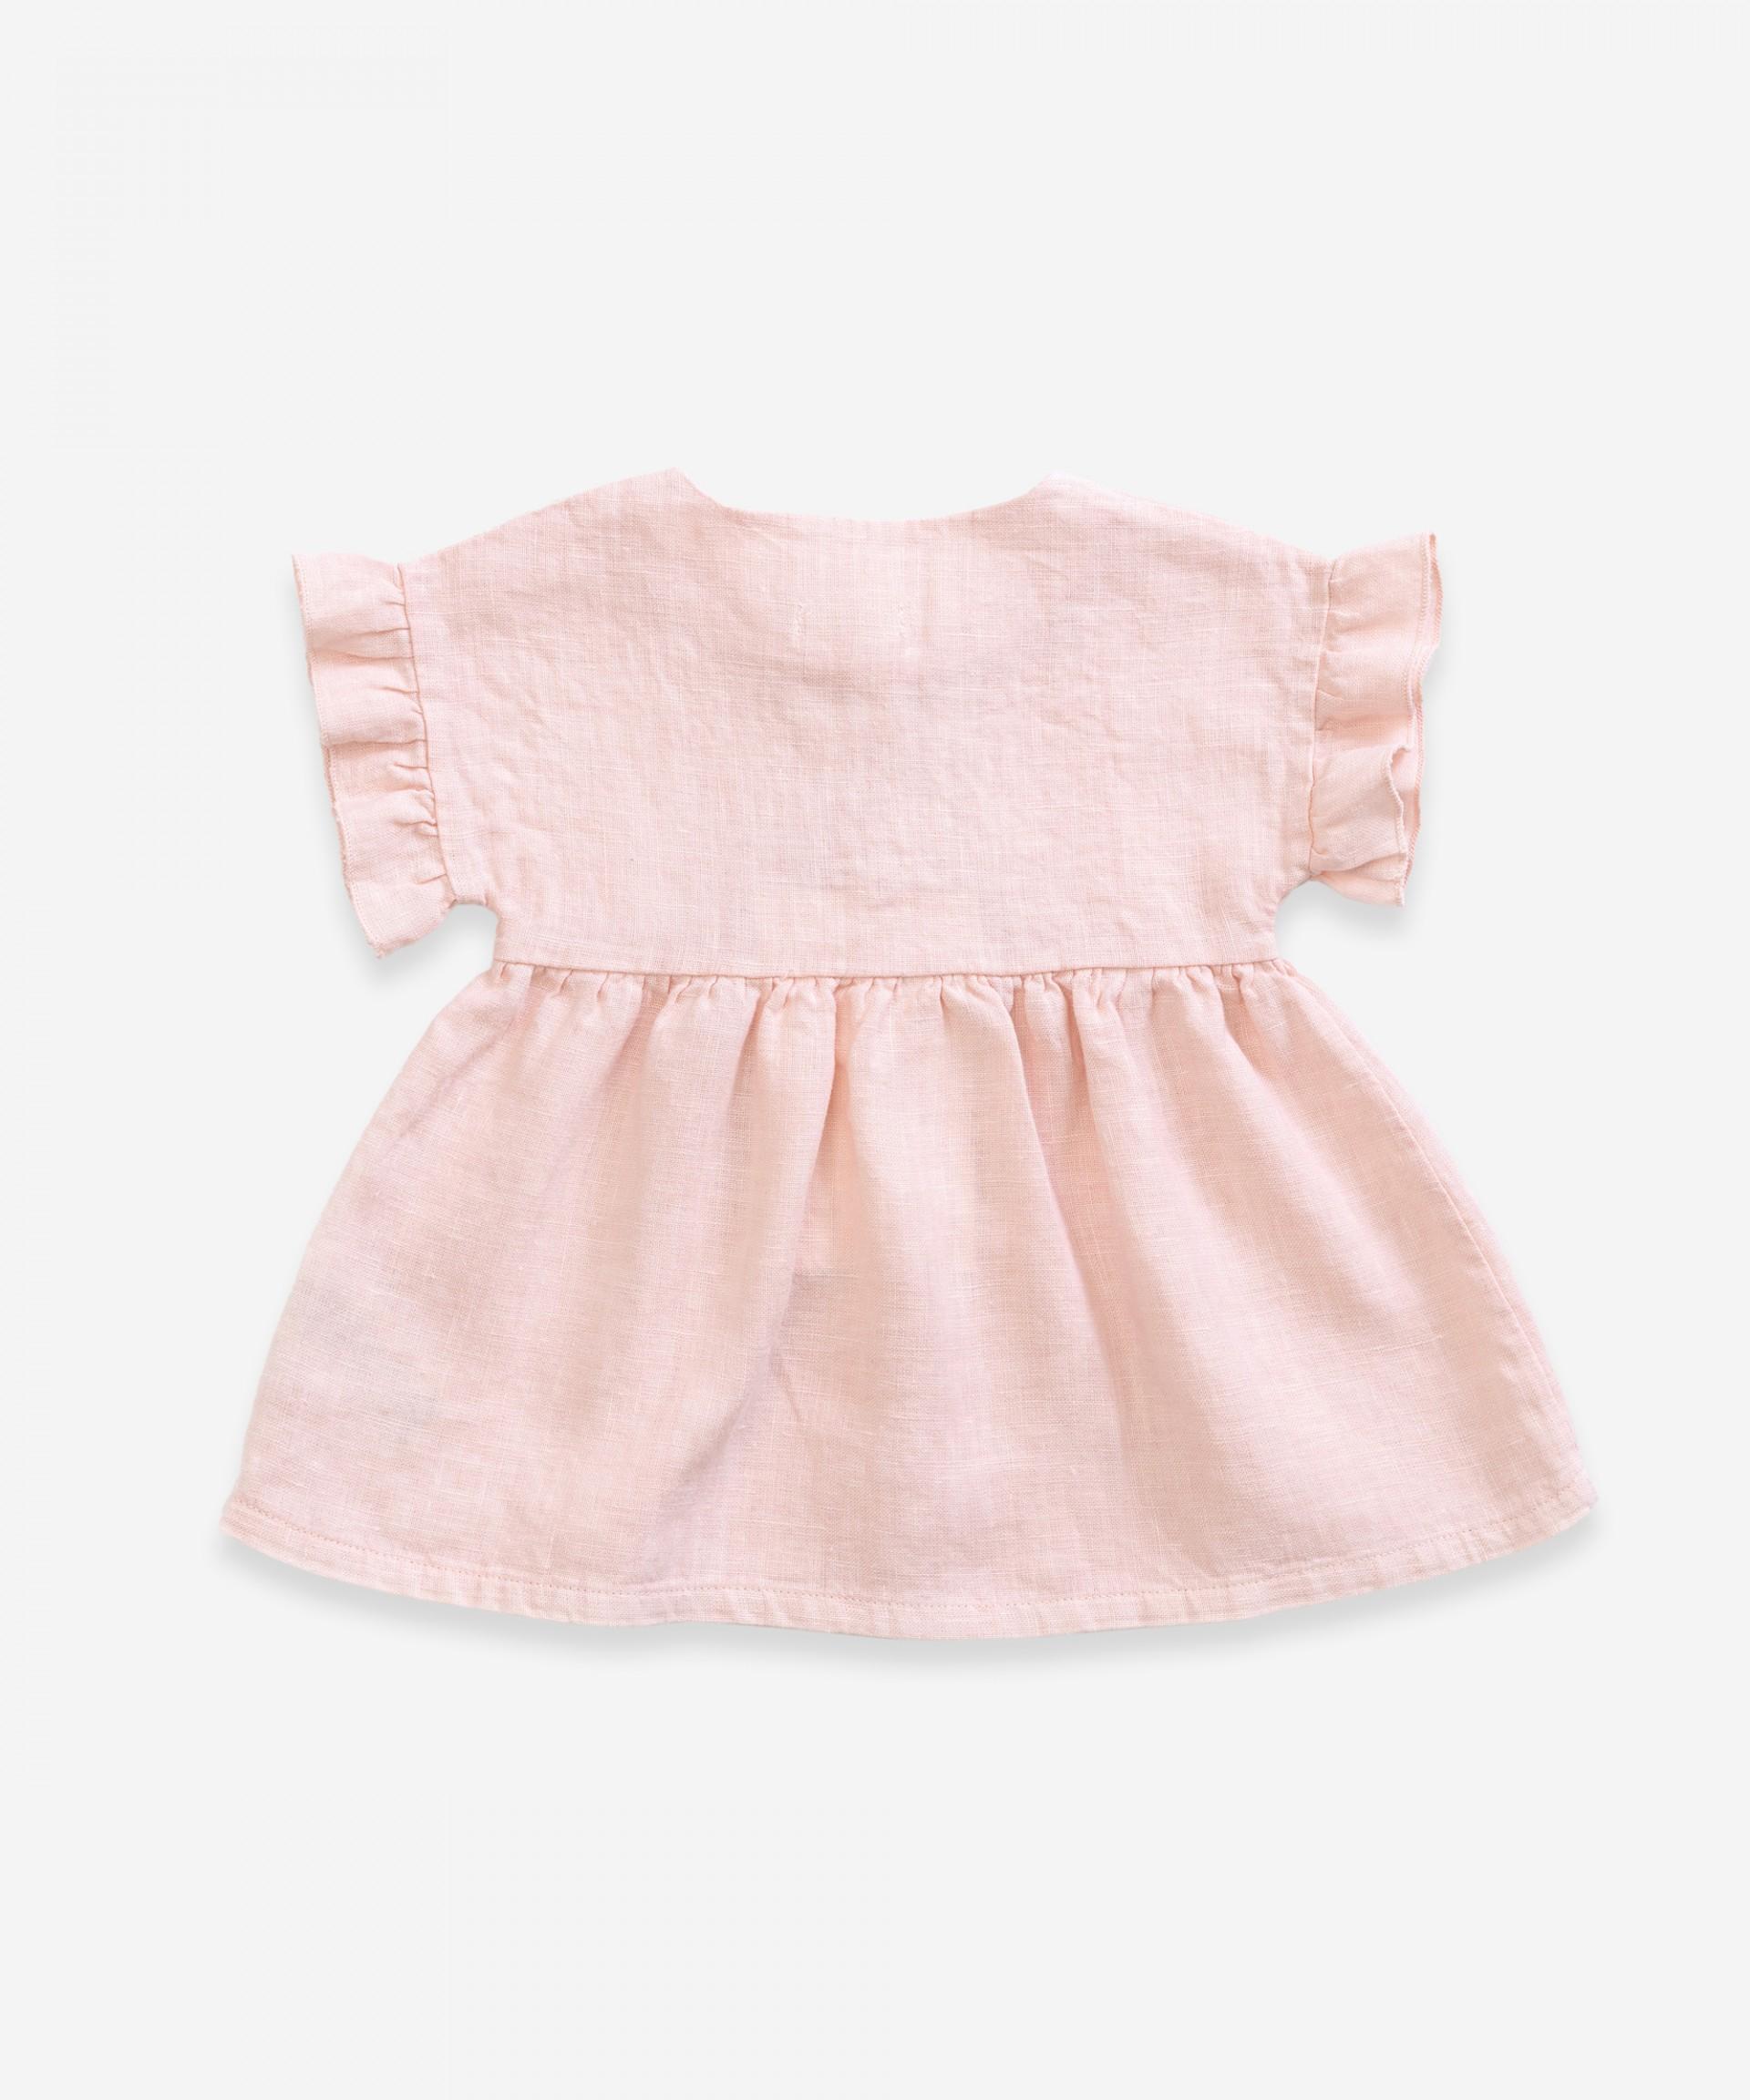 Linen dress with wooden buttons | Weaving